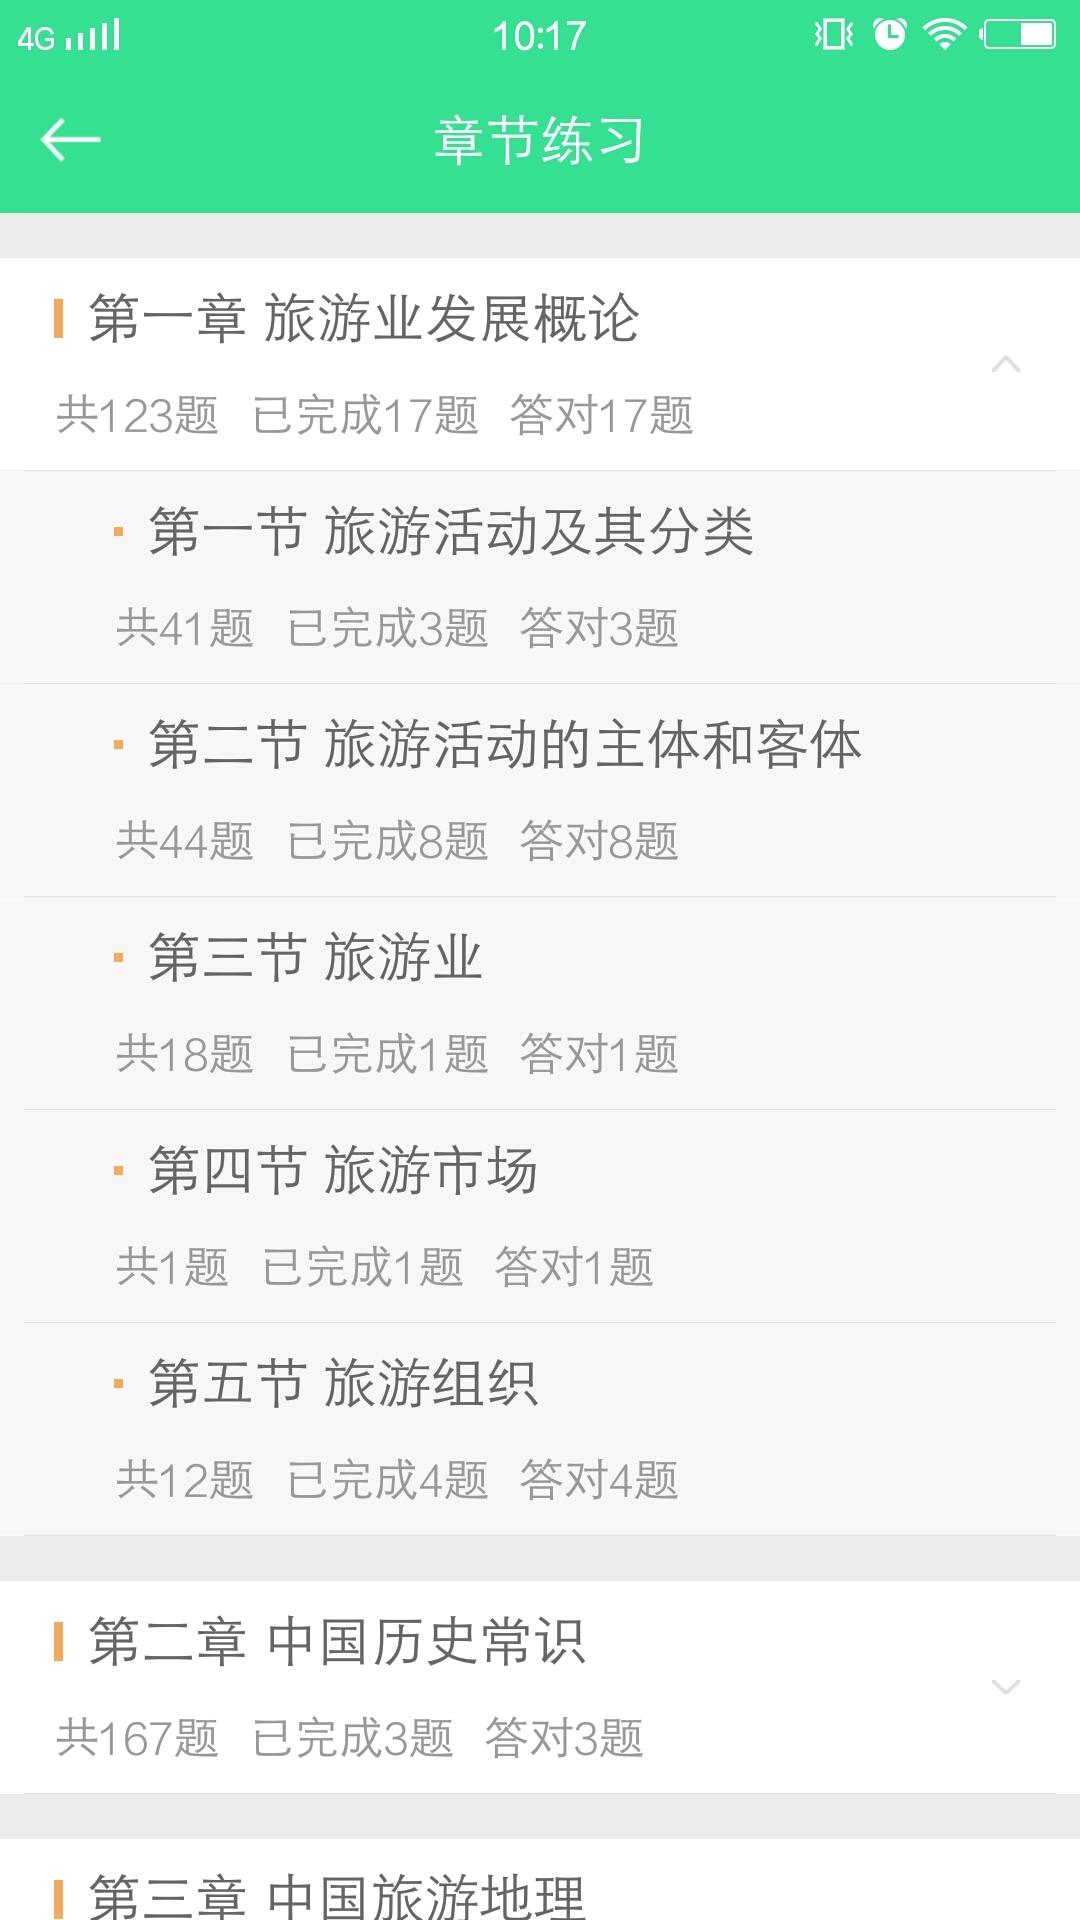 青书学堂安卓版 V20.8.0